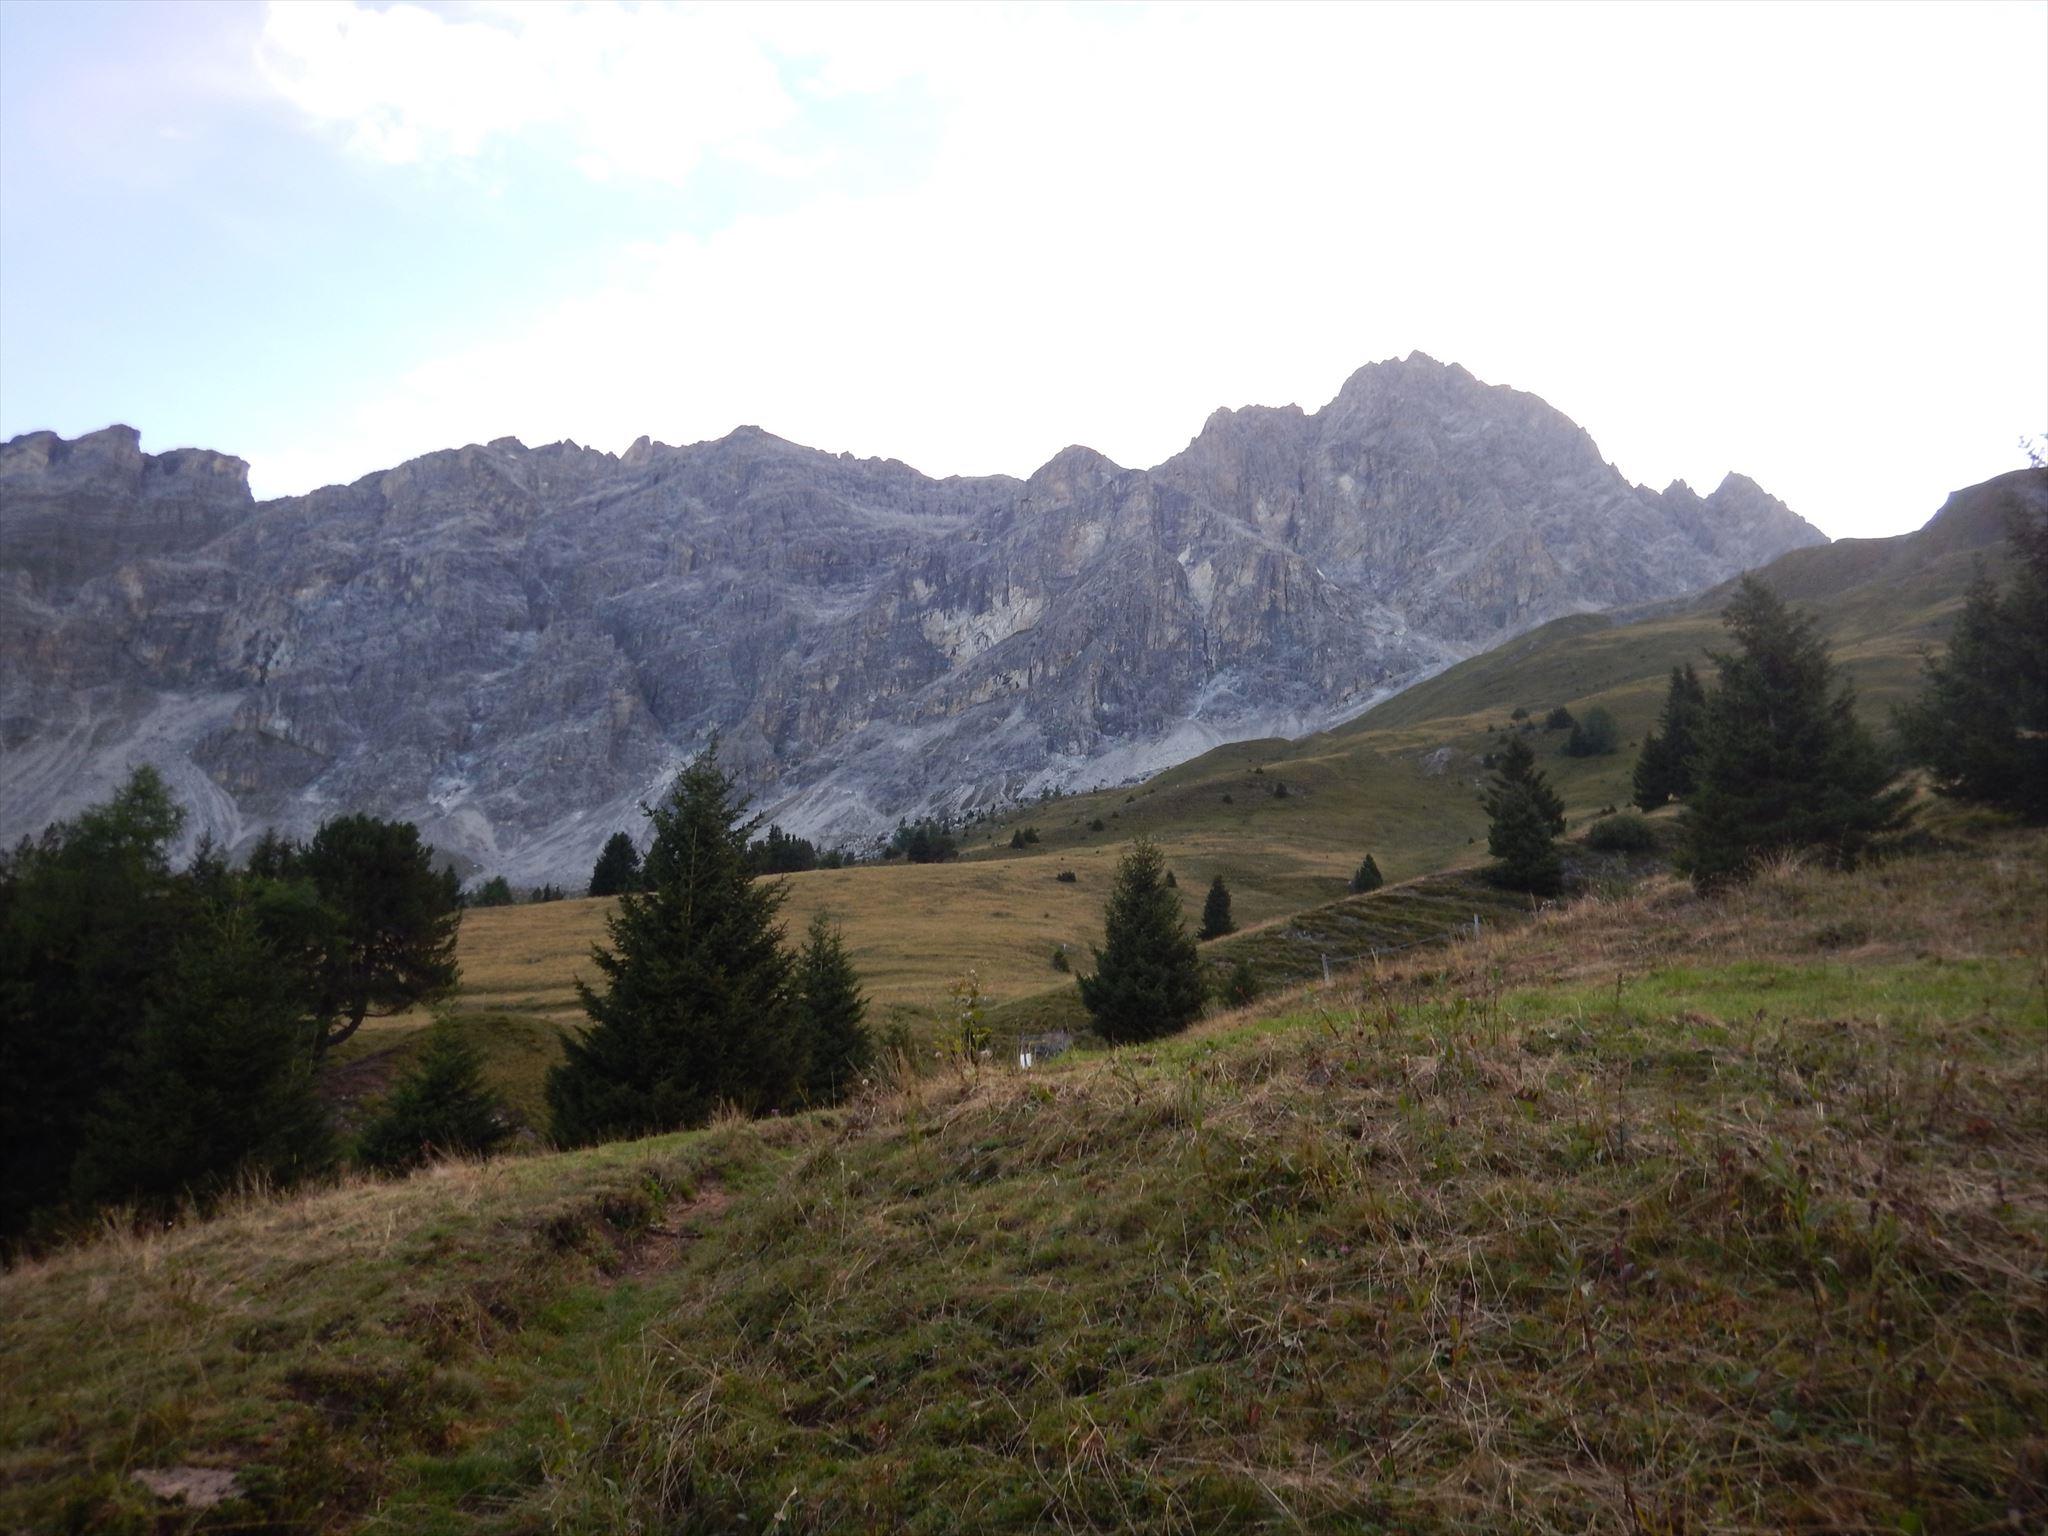 Klettersteig Piz Mitgel : Geocaching log by chrissy dugi for der kletttersteig am piz mitgel